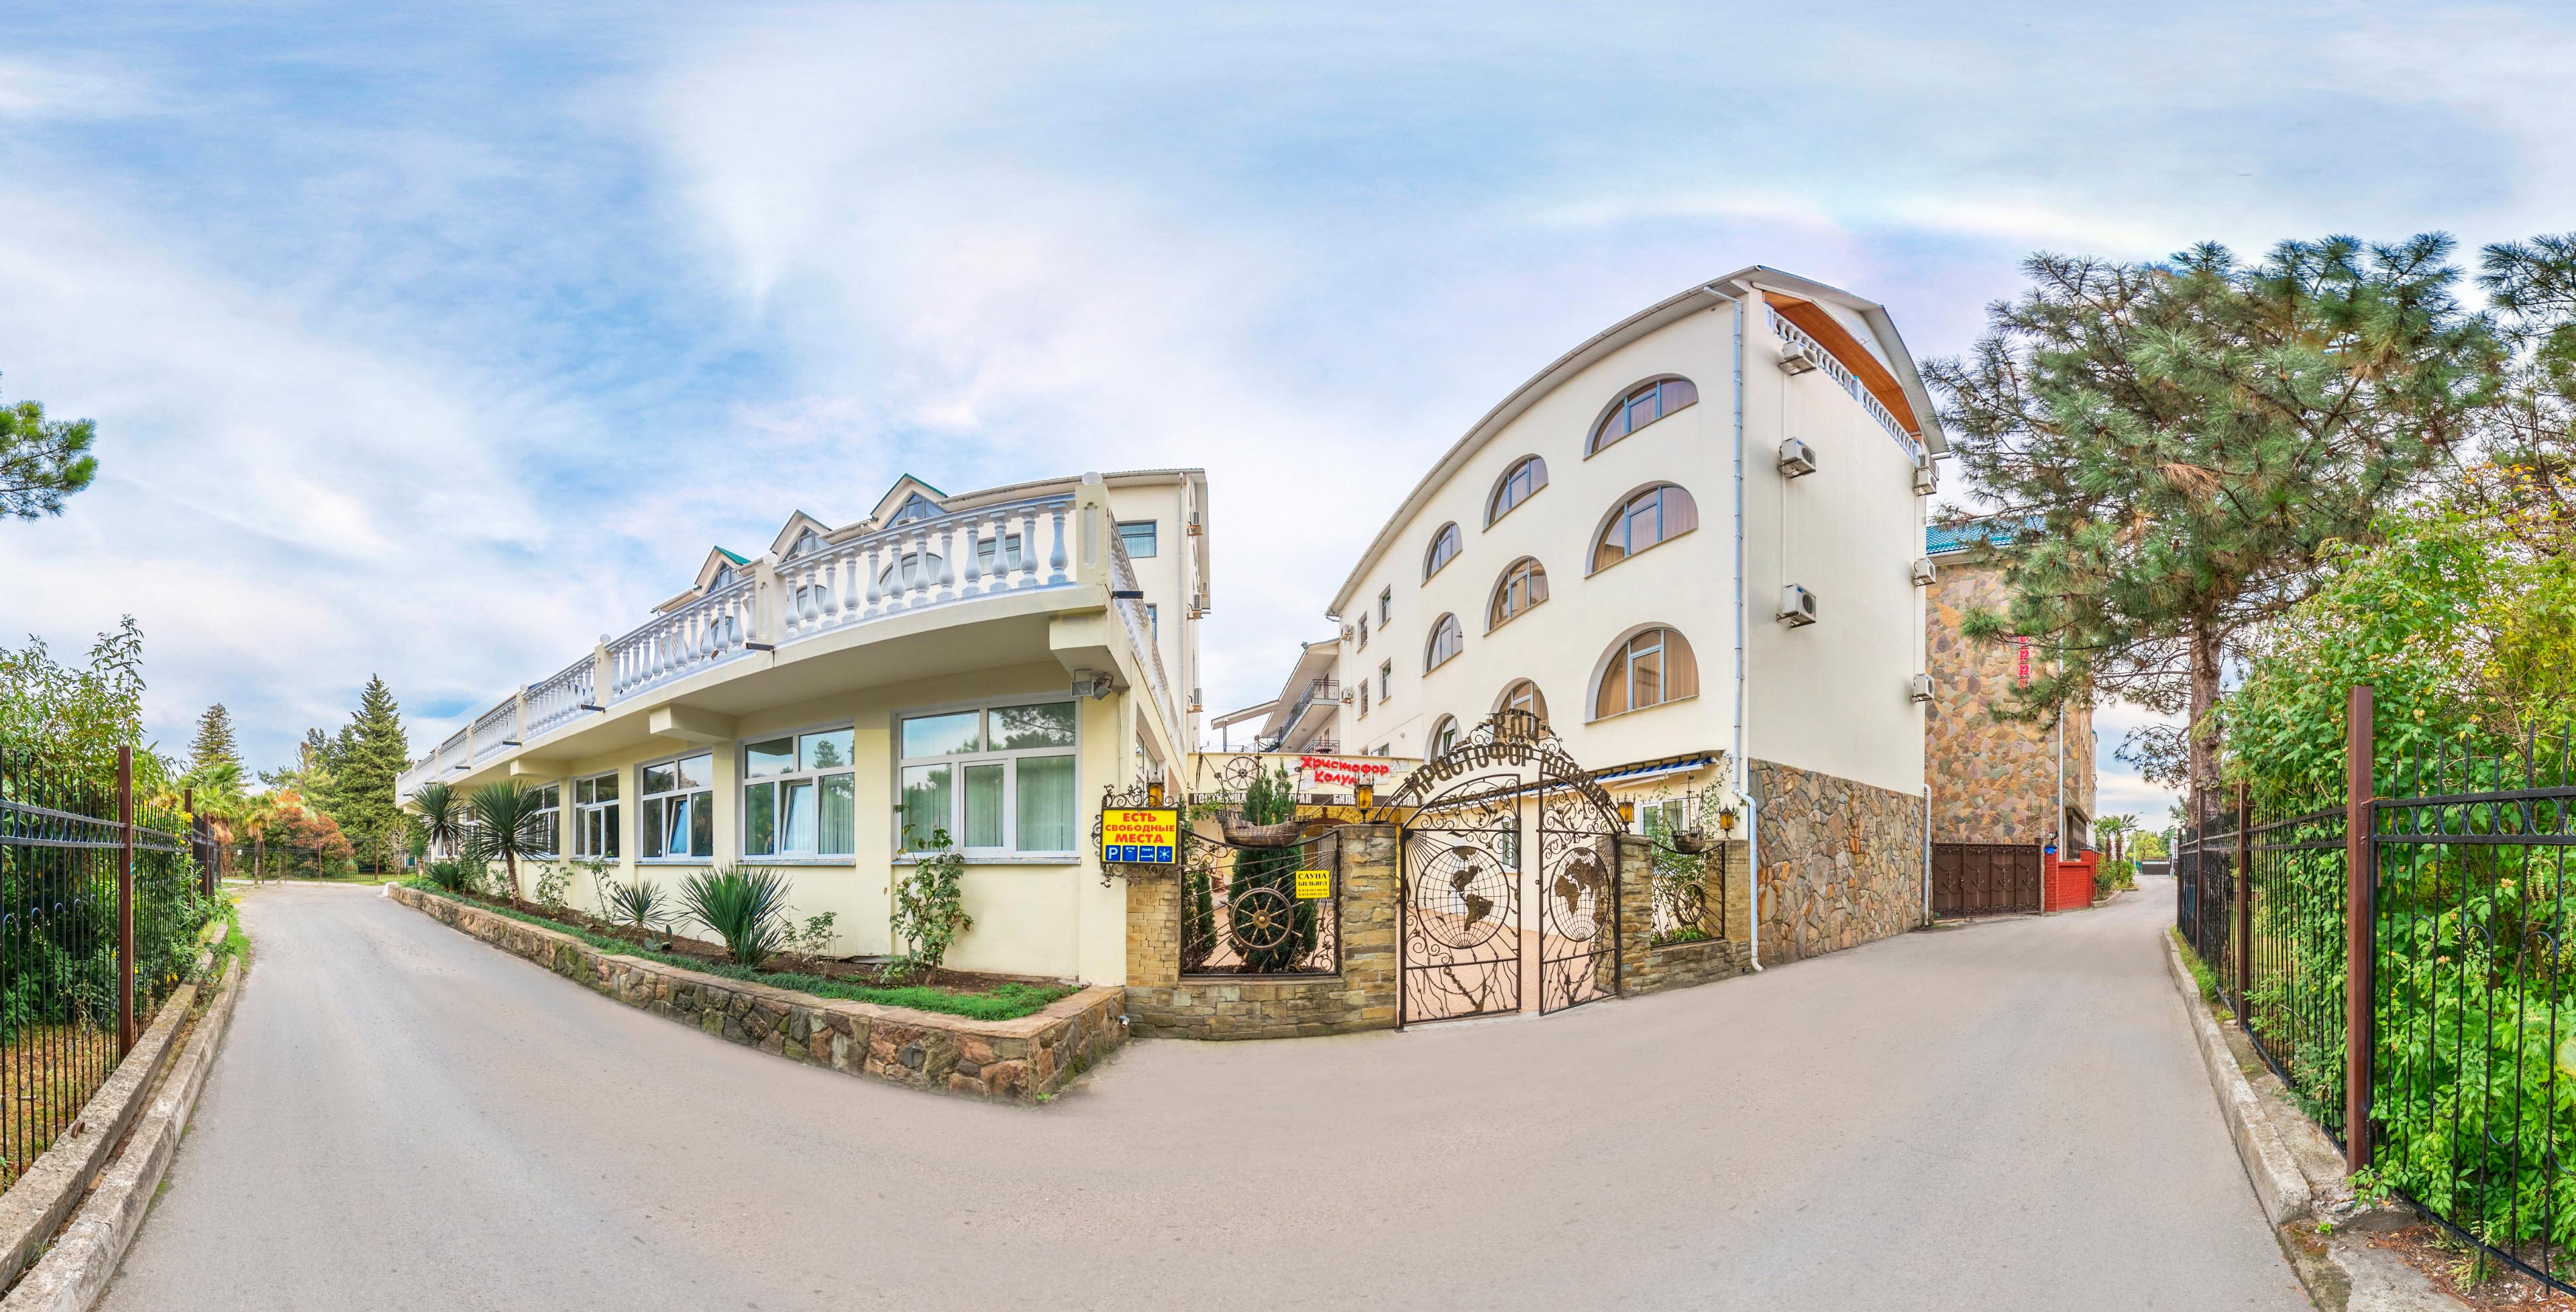 лазаревское гостиница христофор колумб фото общем